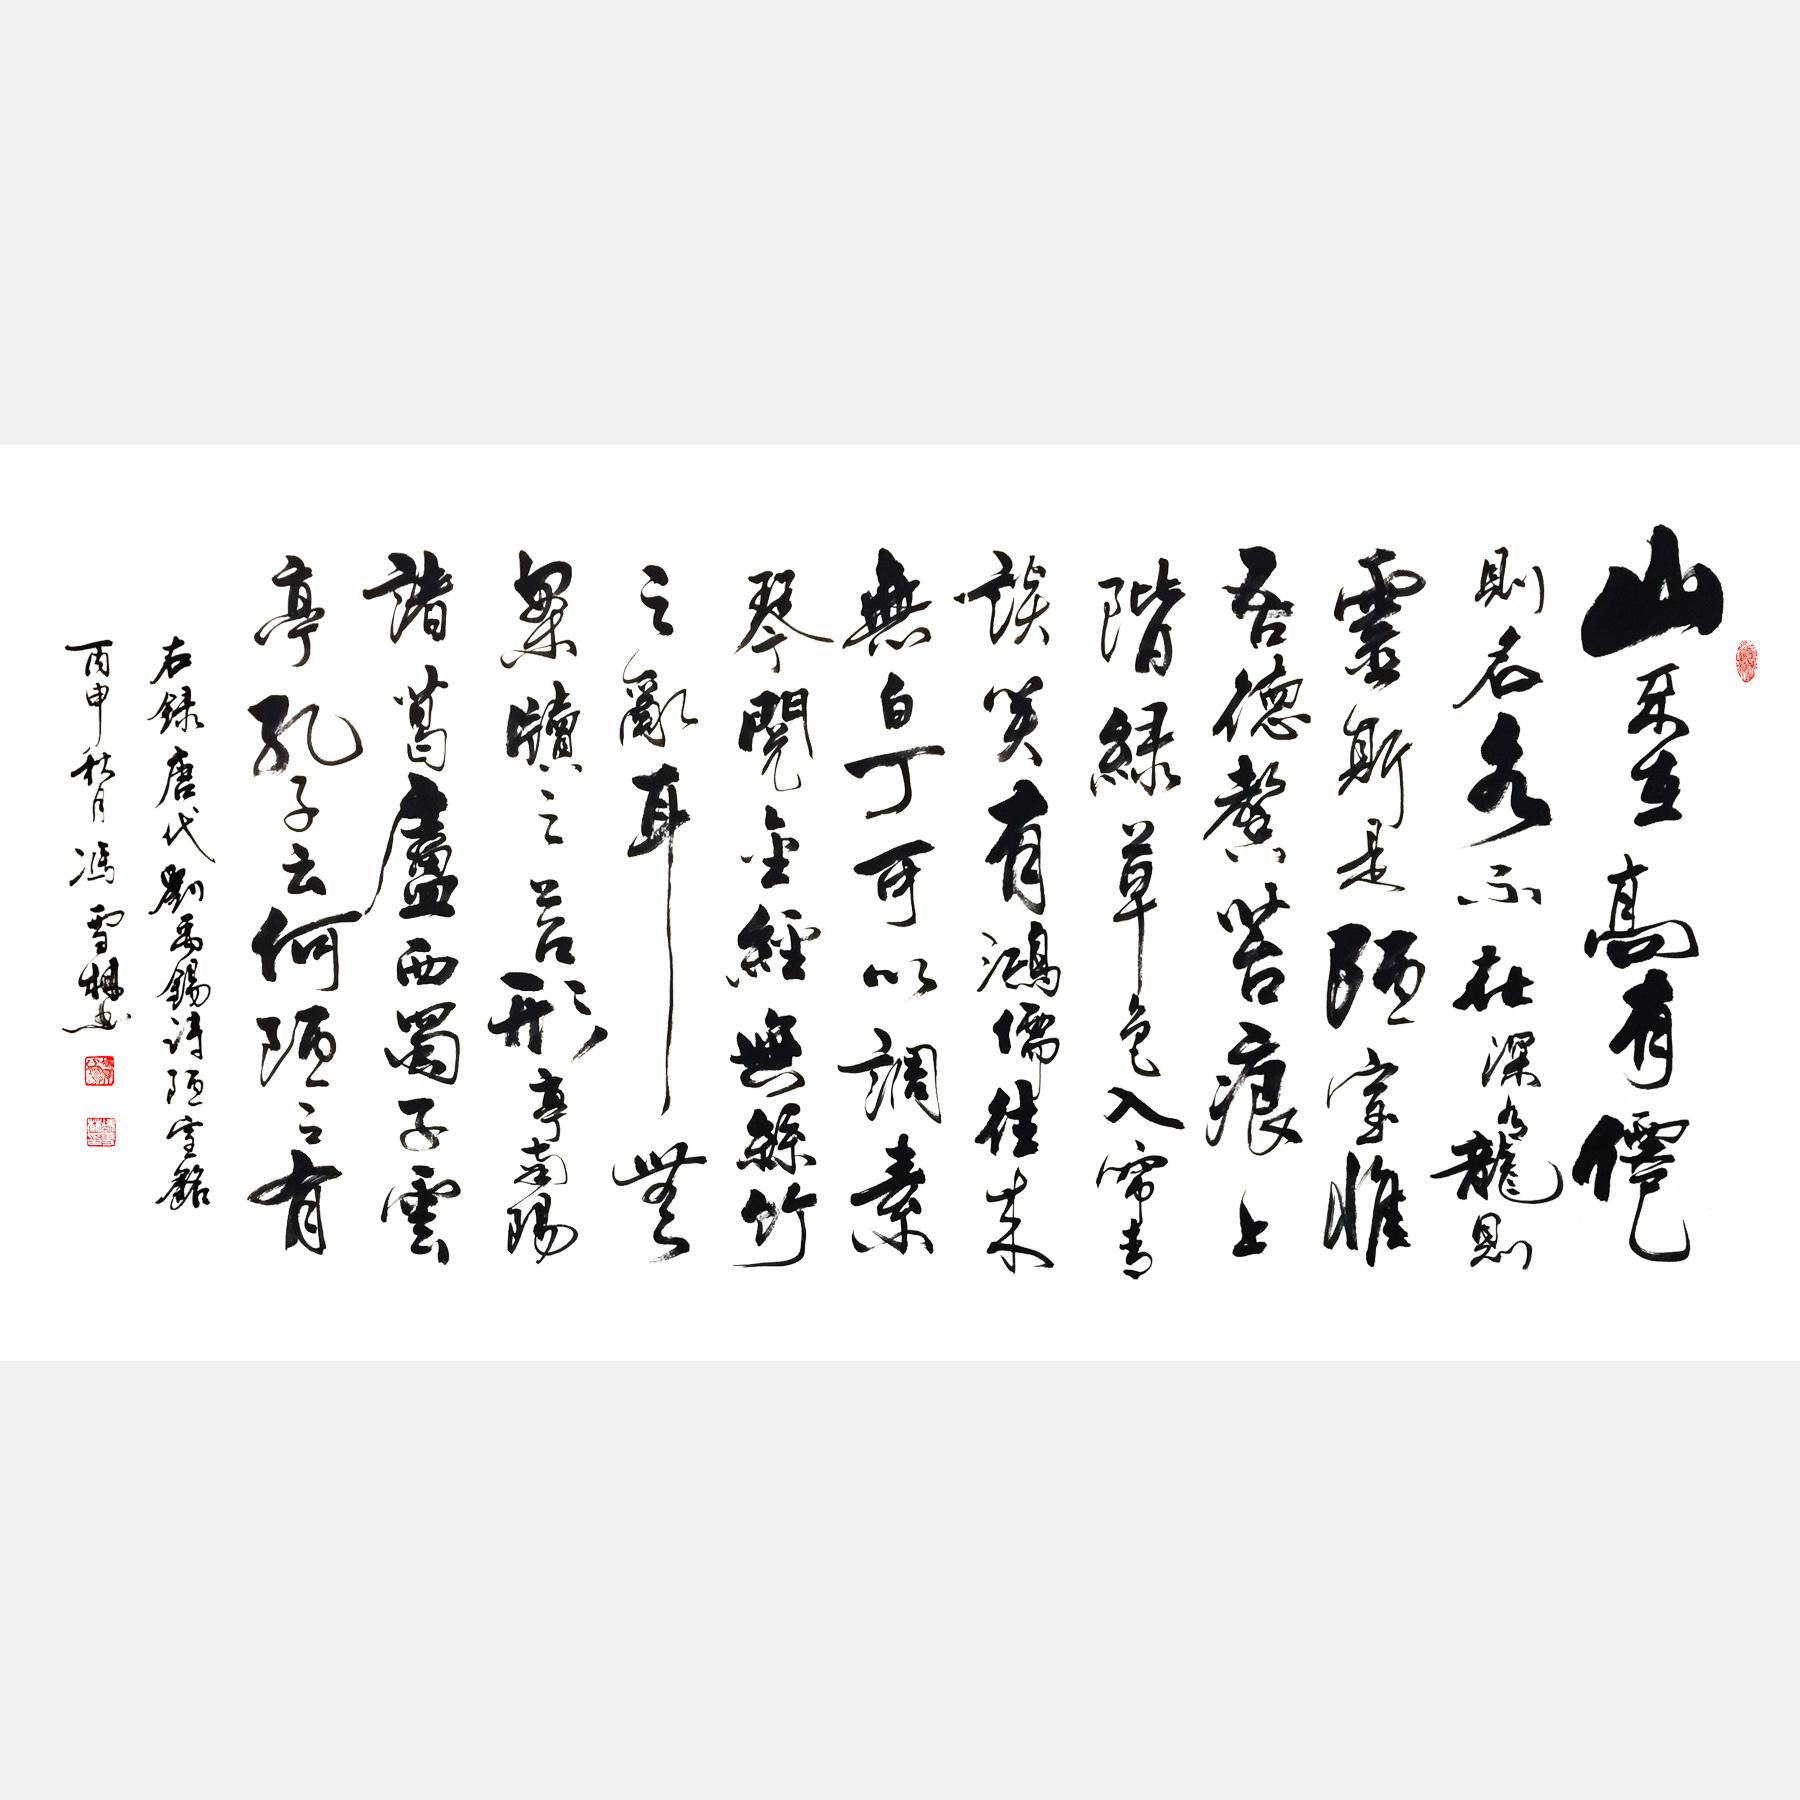 唐・刘禹锡《陋室铭》书法作品 高雅情操 古文名篇 名家行书作品